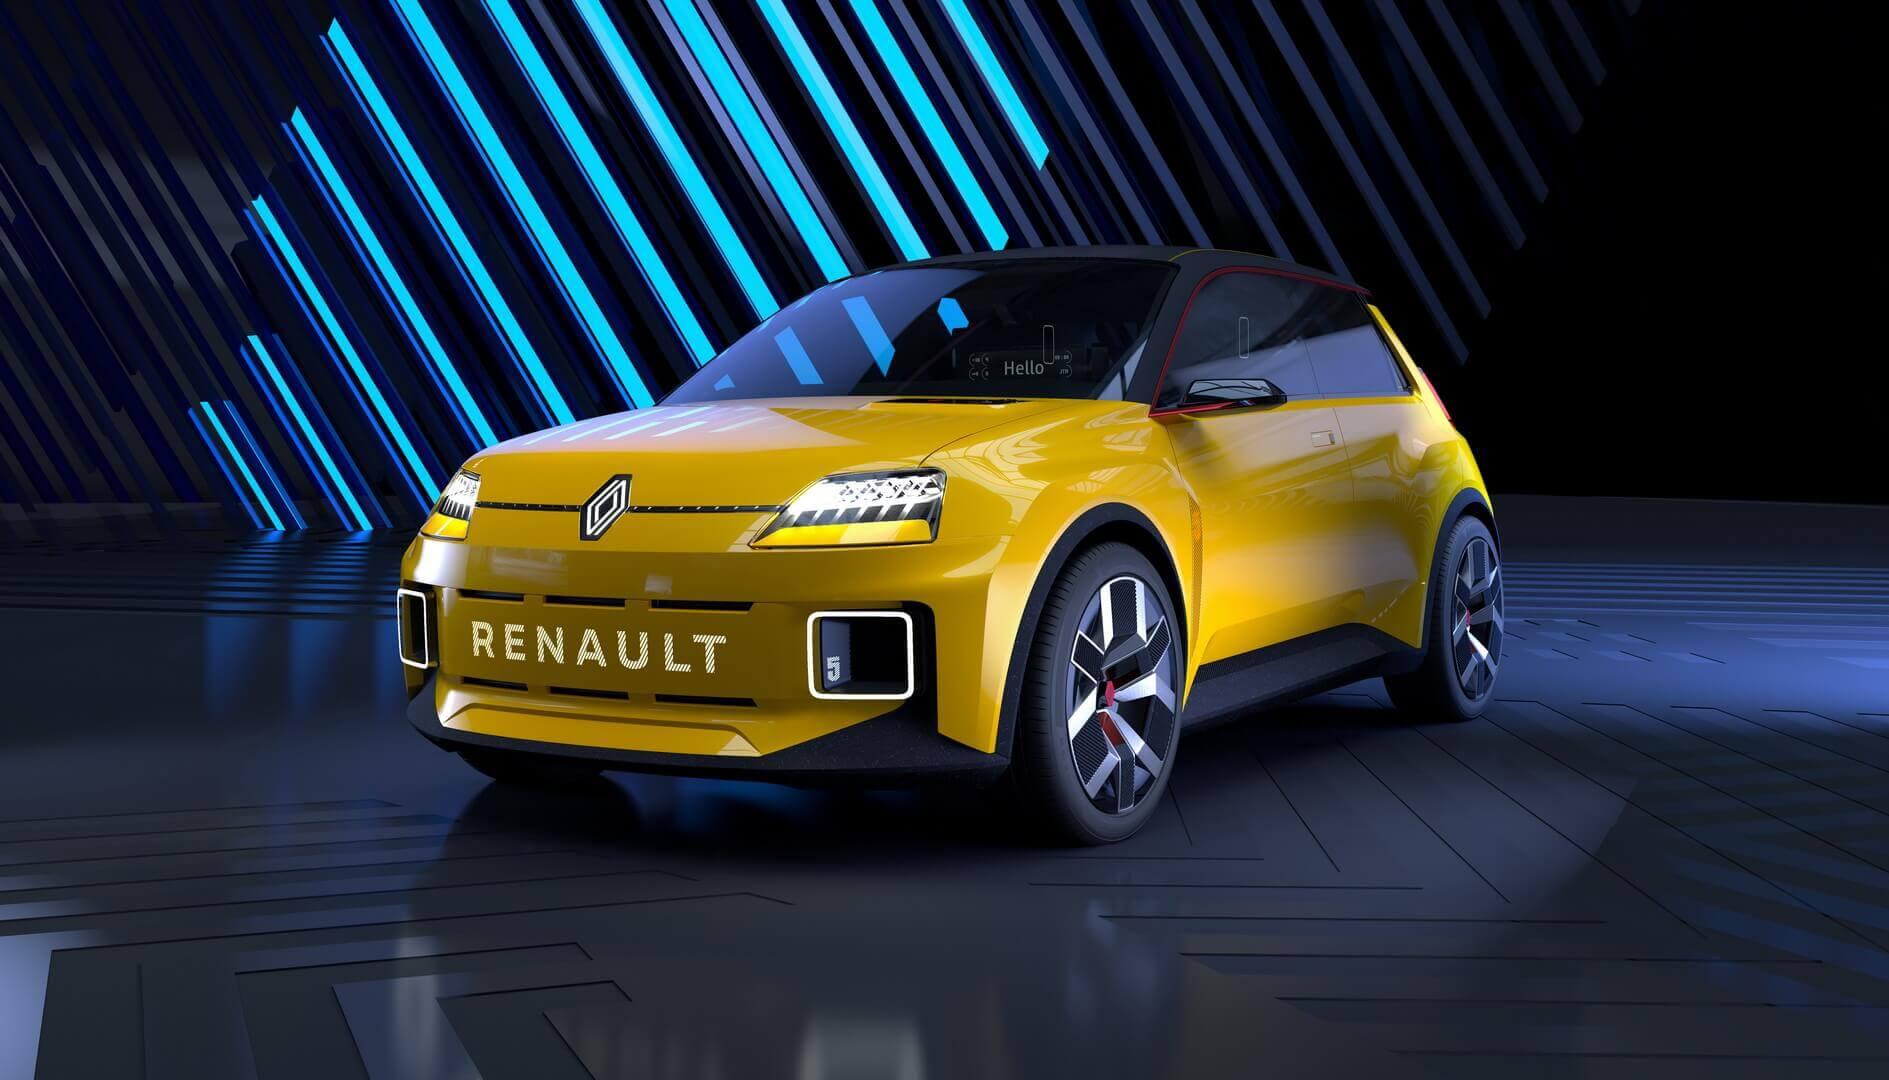 Renault возродила культовый R5 в виде футуристического электромобиля